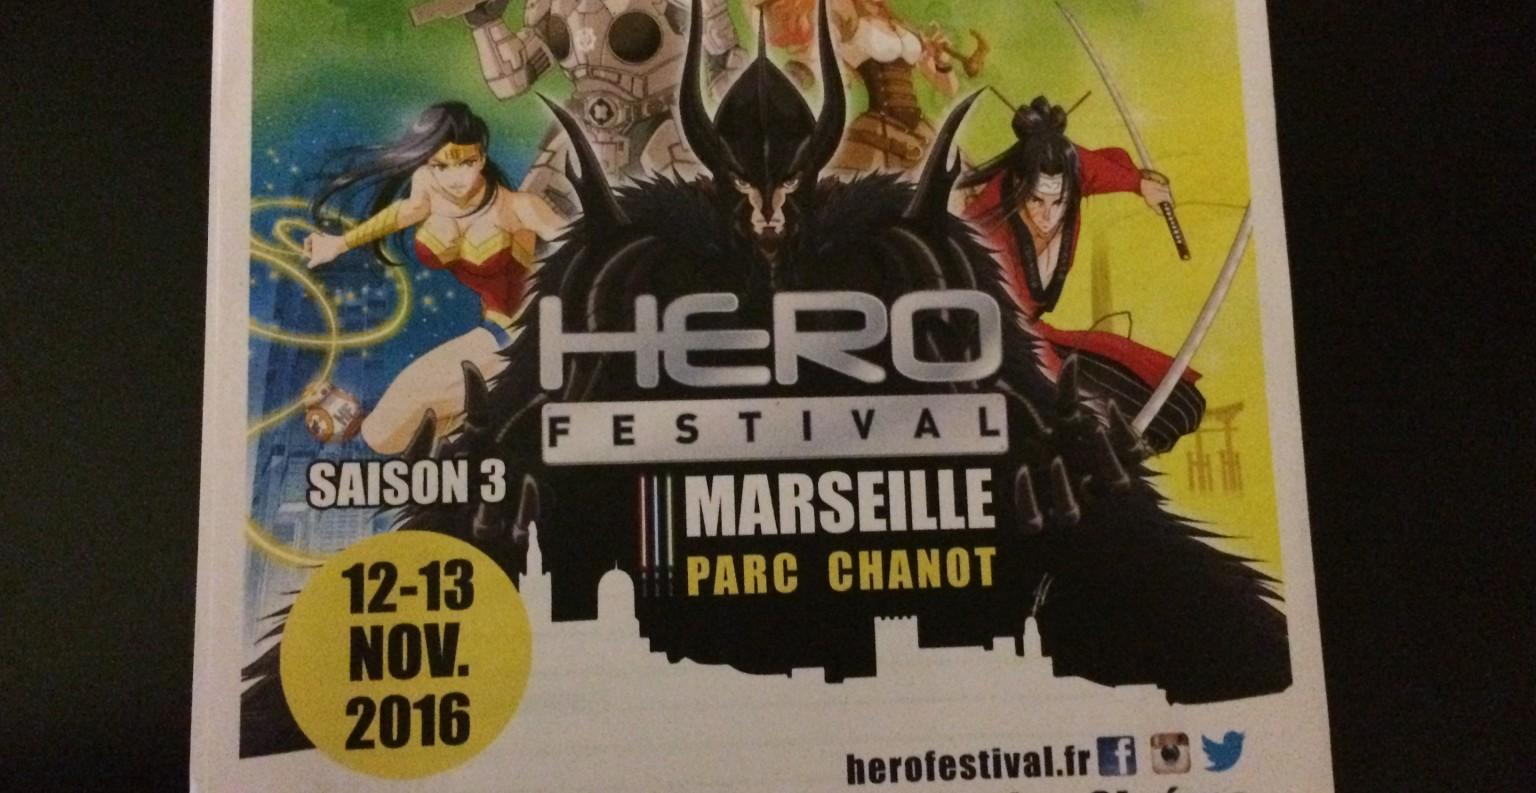 Le Hero Fesival se tiendra les 12 et 13 novembre à Marseille ©MD